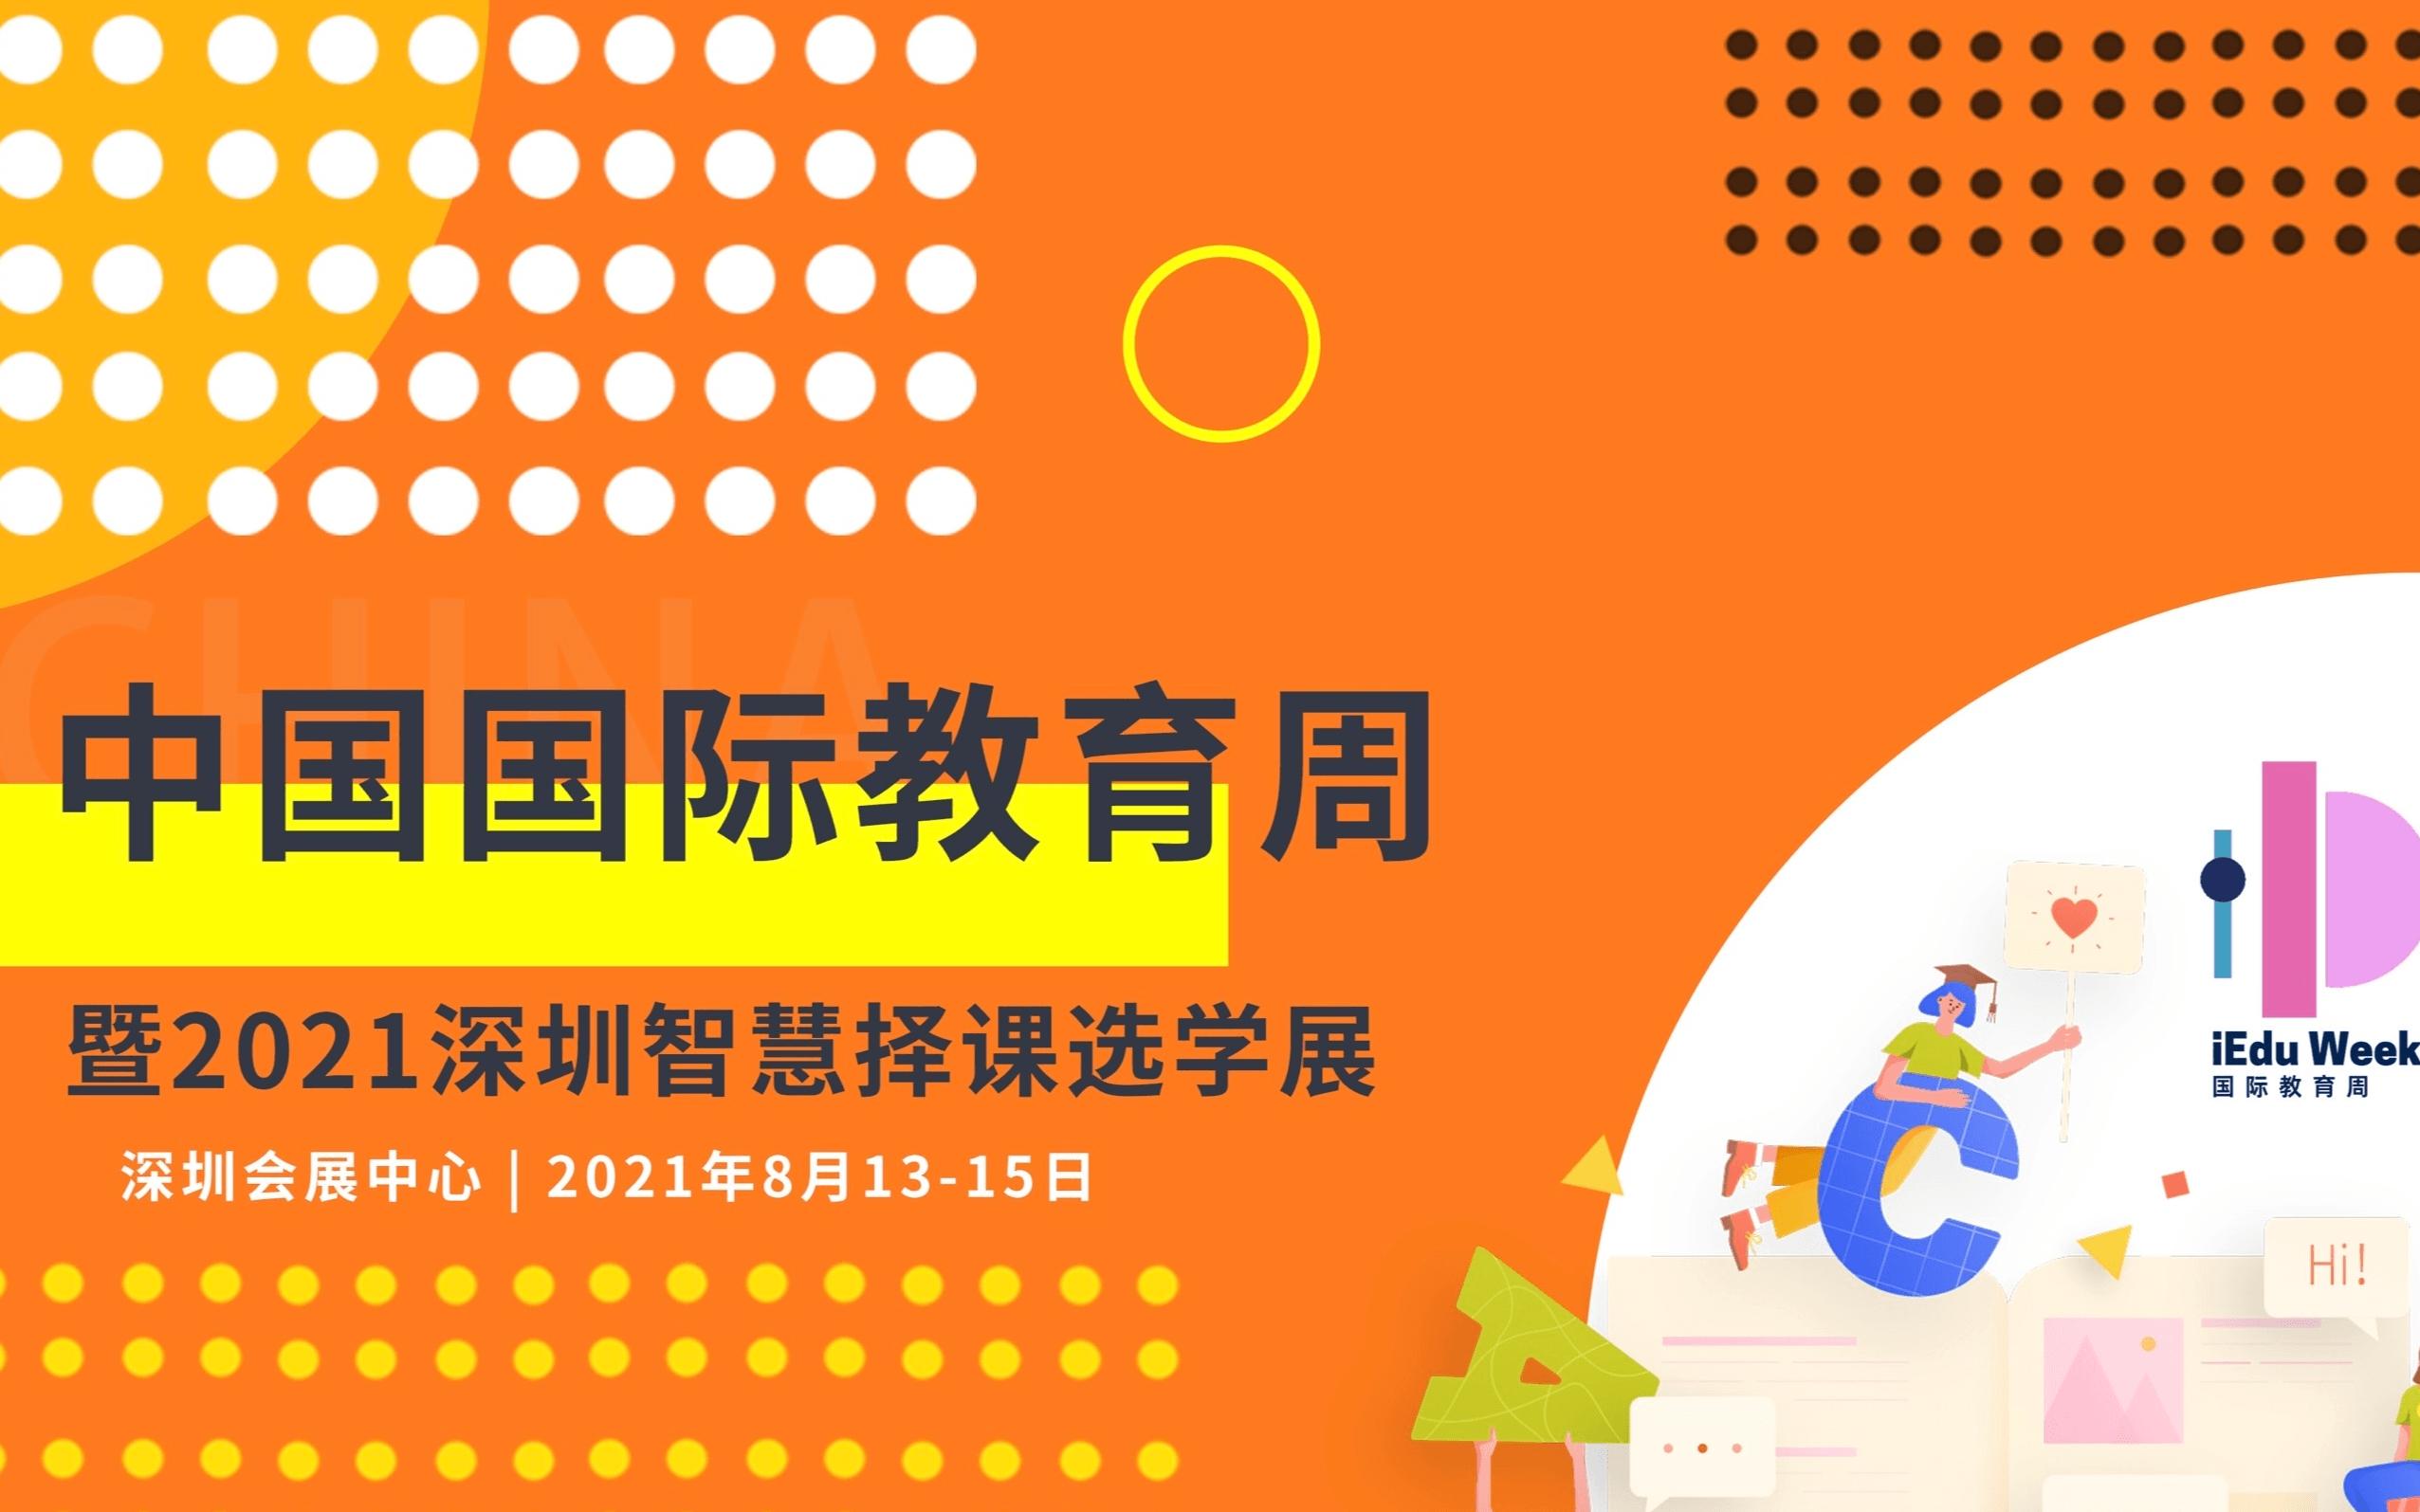 中国国际教育周暨2021深圳智慧择课选学展